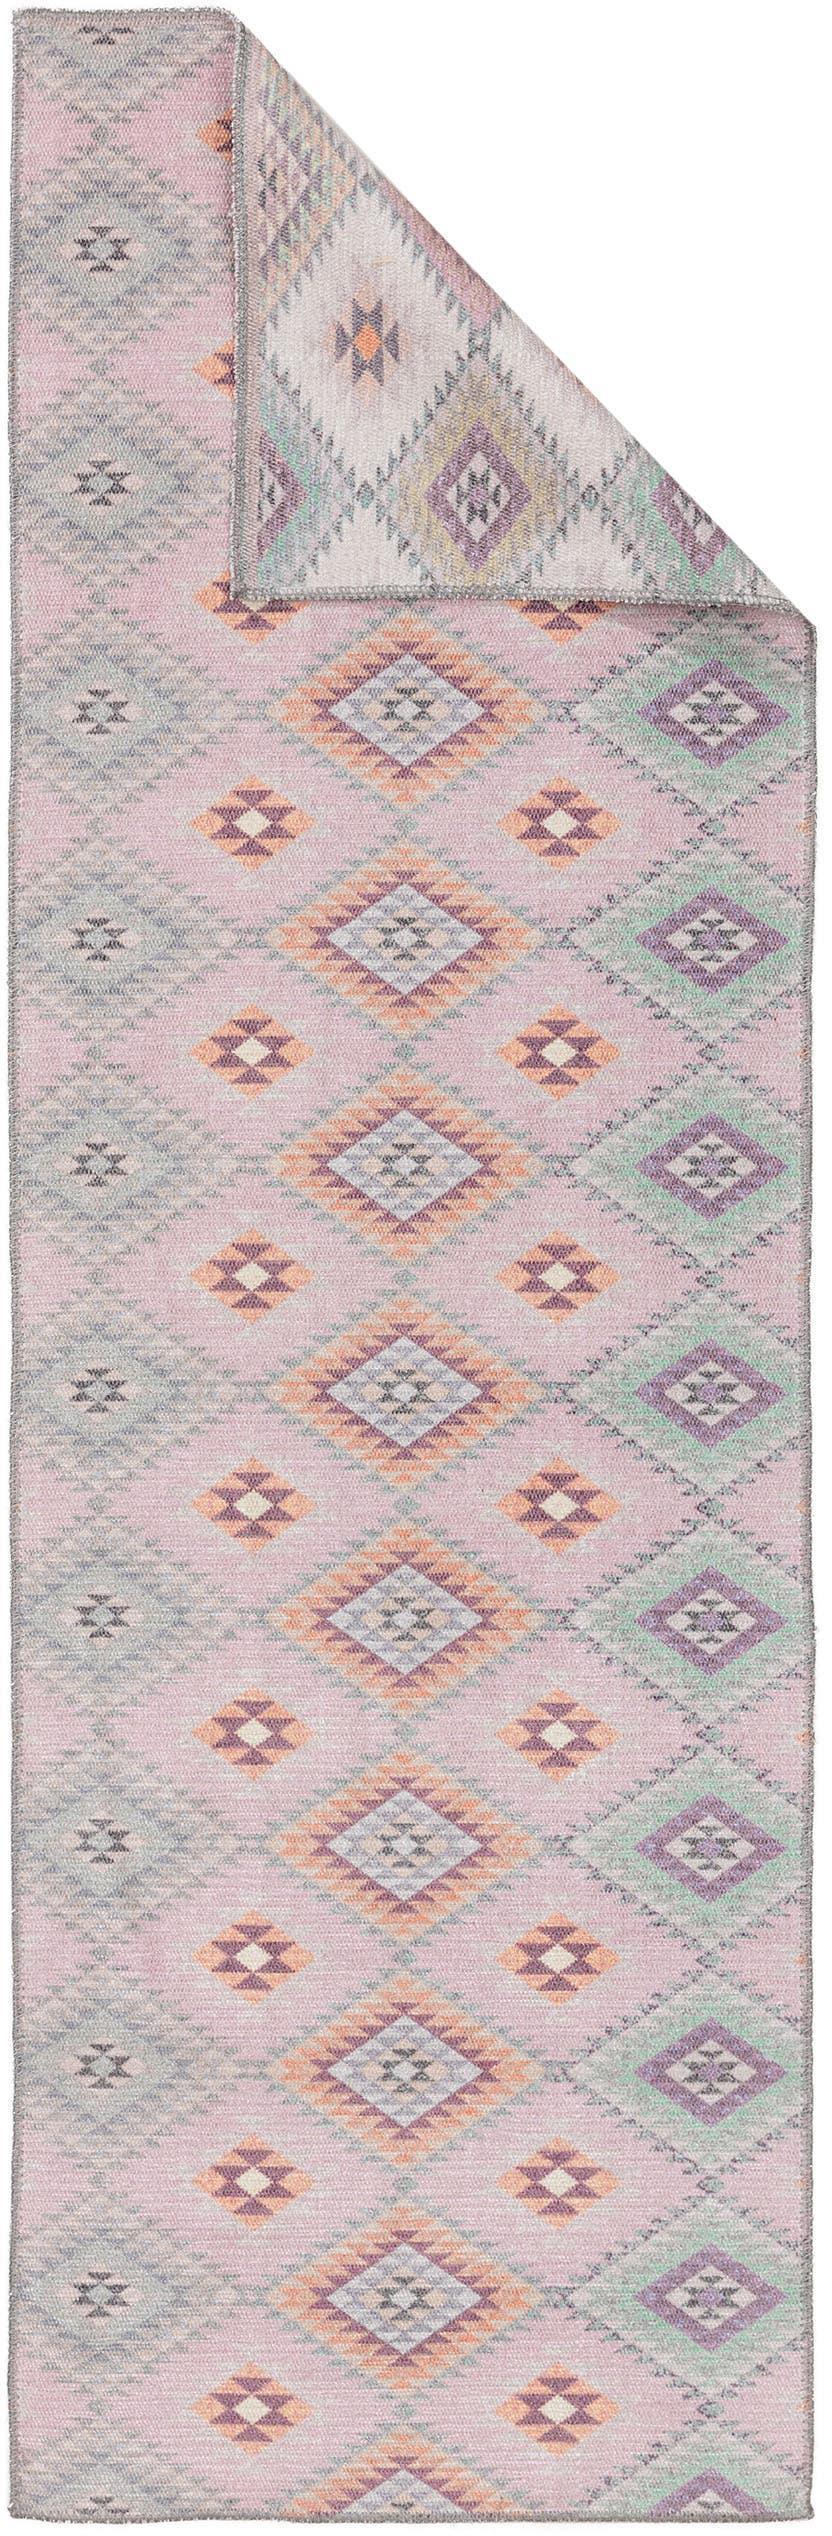 Dwustronny kilim etno Anna, 80% poliester 20% bawełna, Blady różowy, wielobarwny, S 75 x D 230 cm